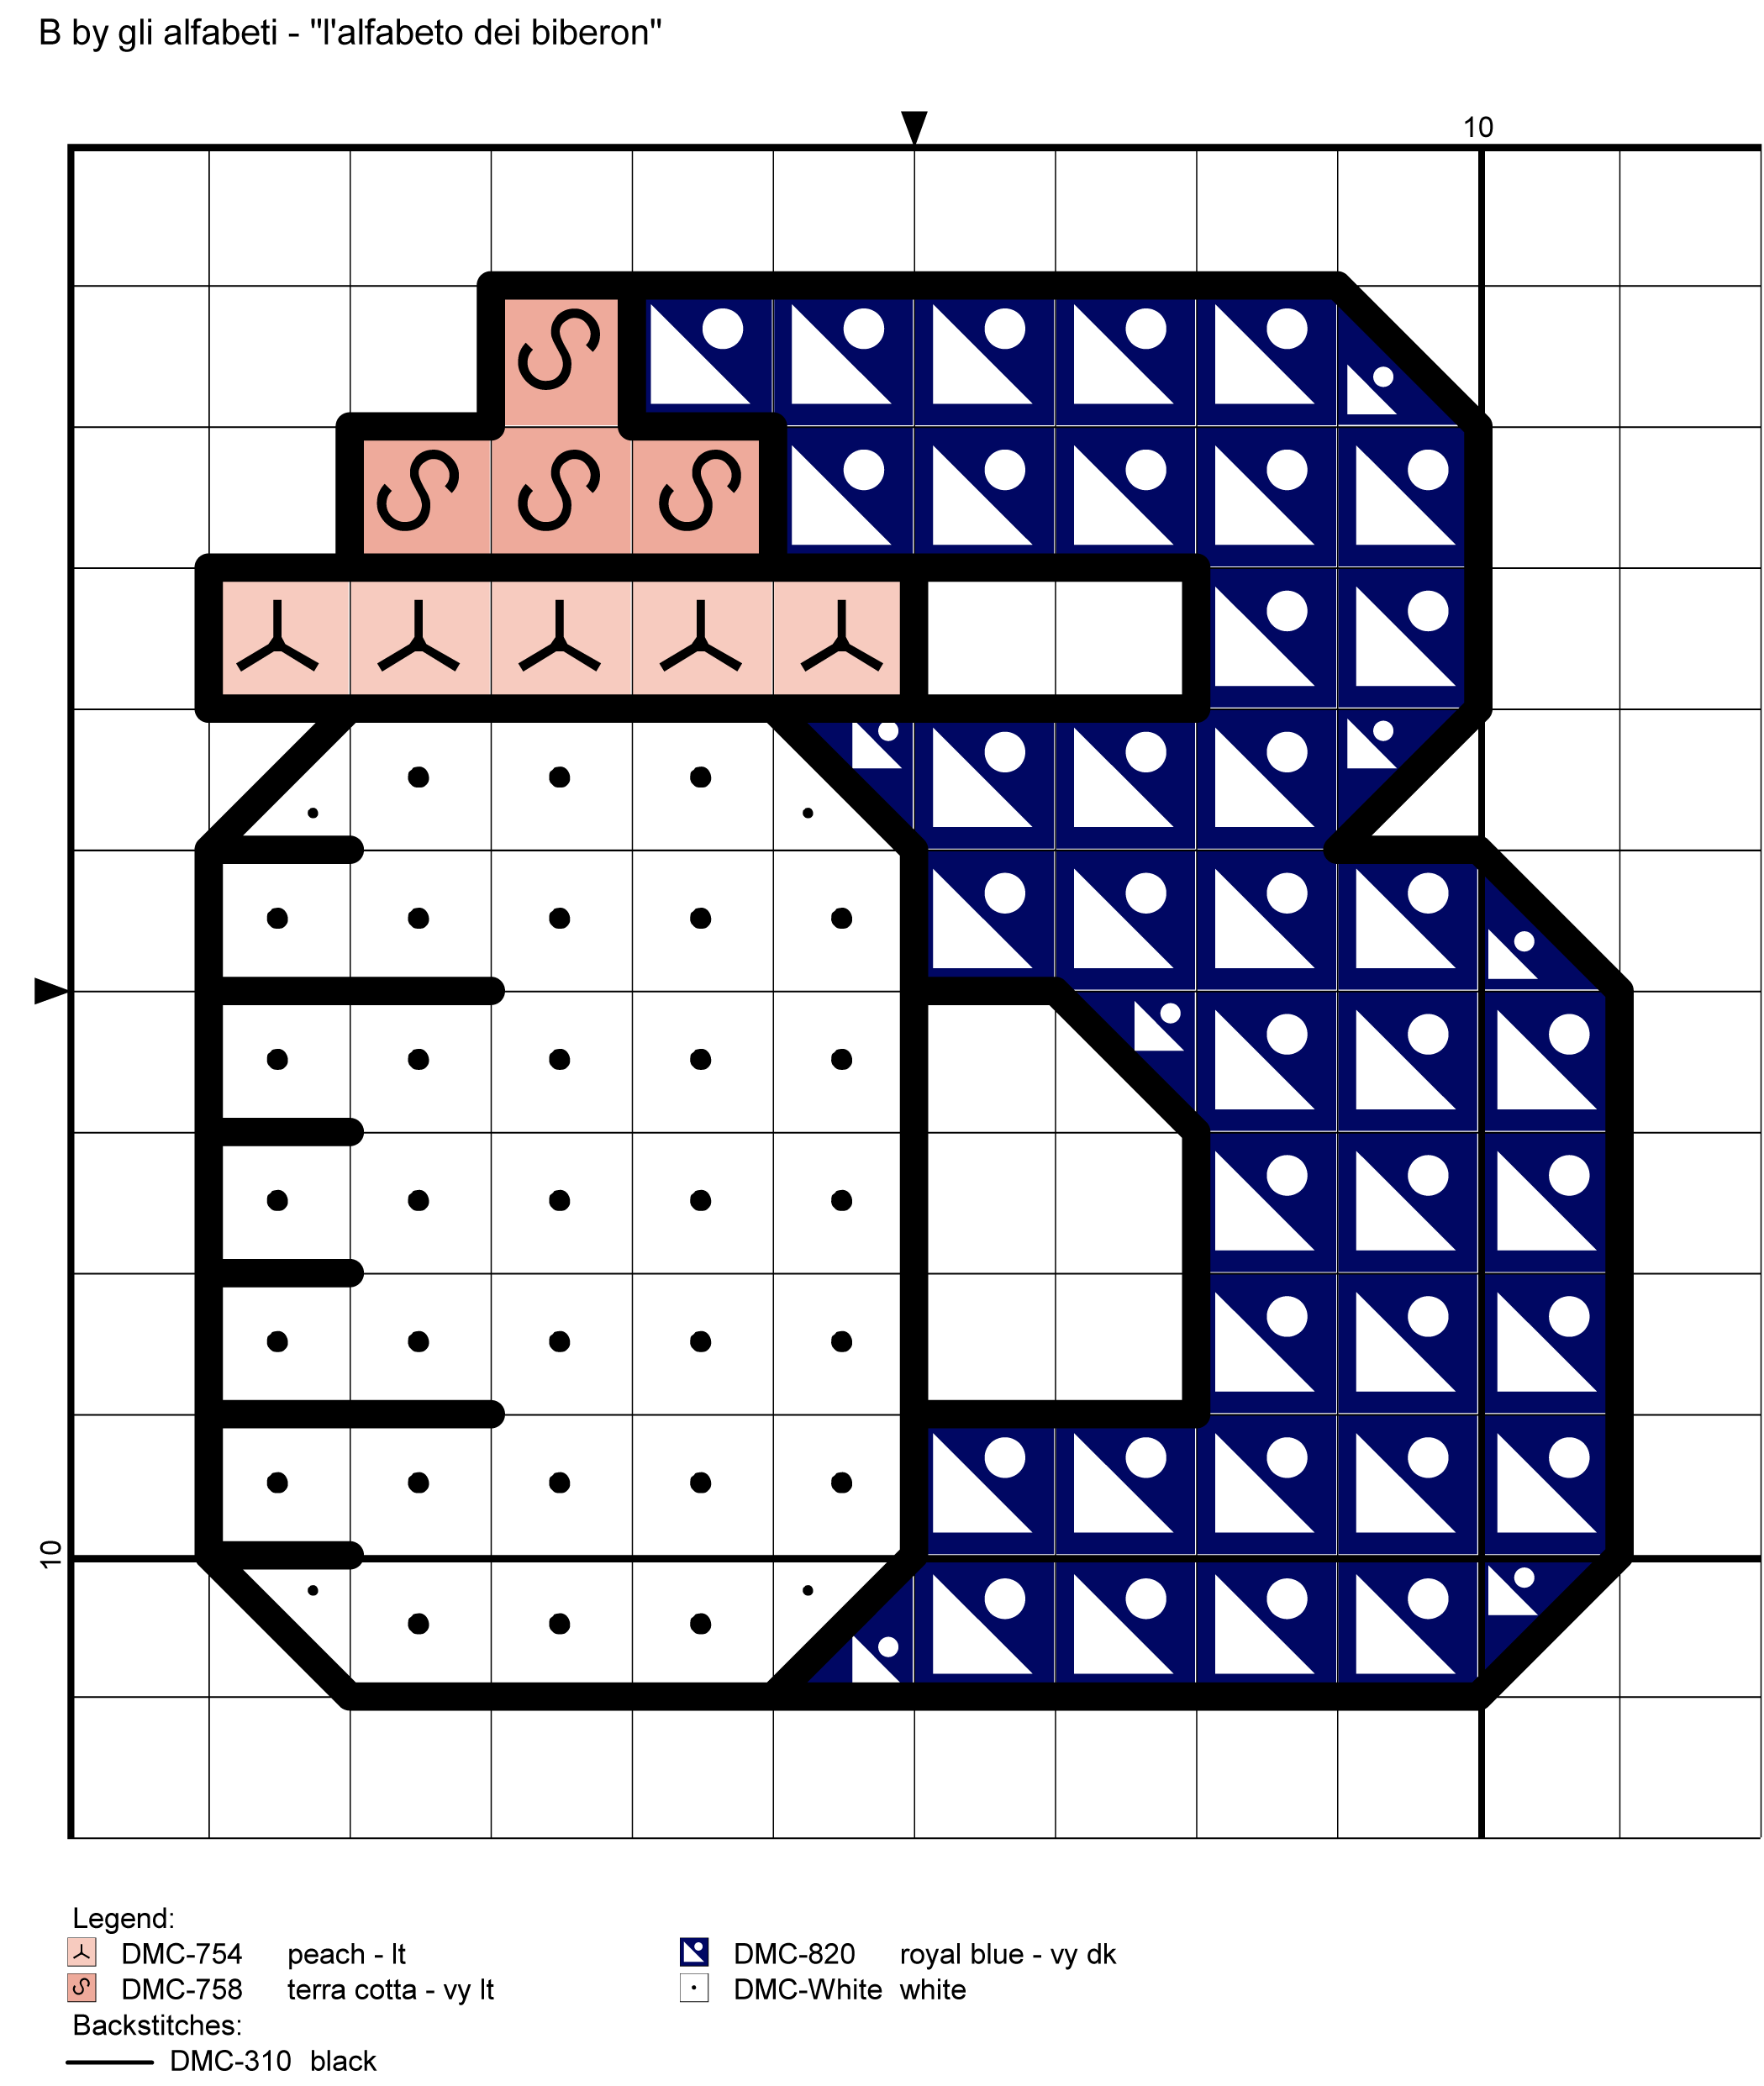 alfabeto dei biberon: B